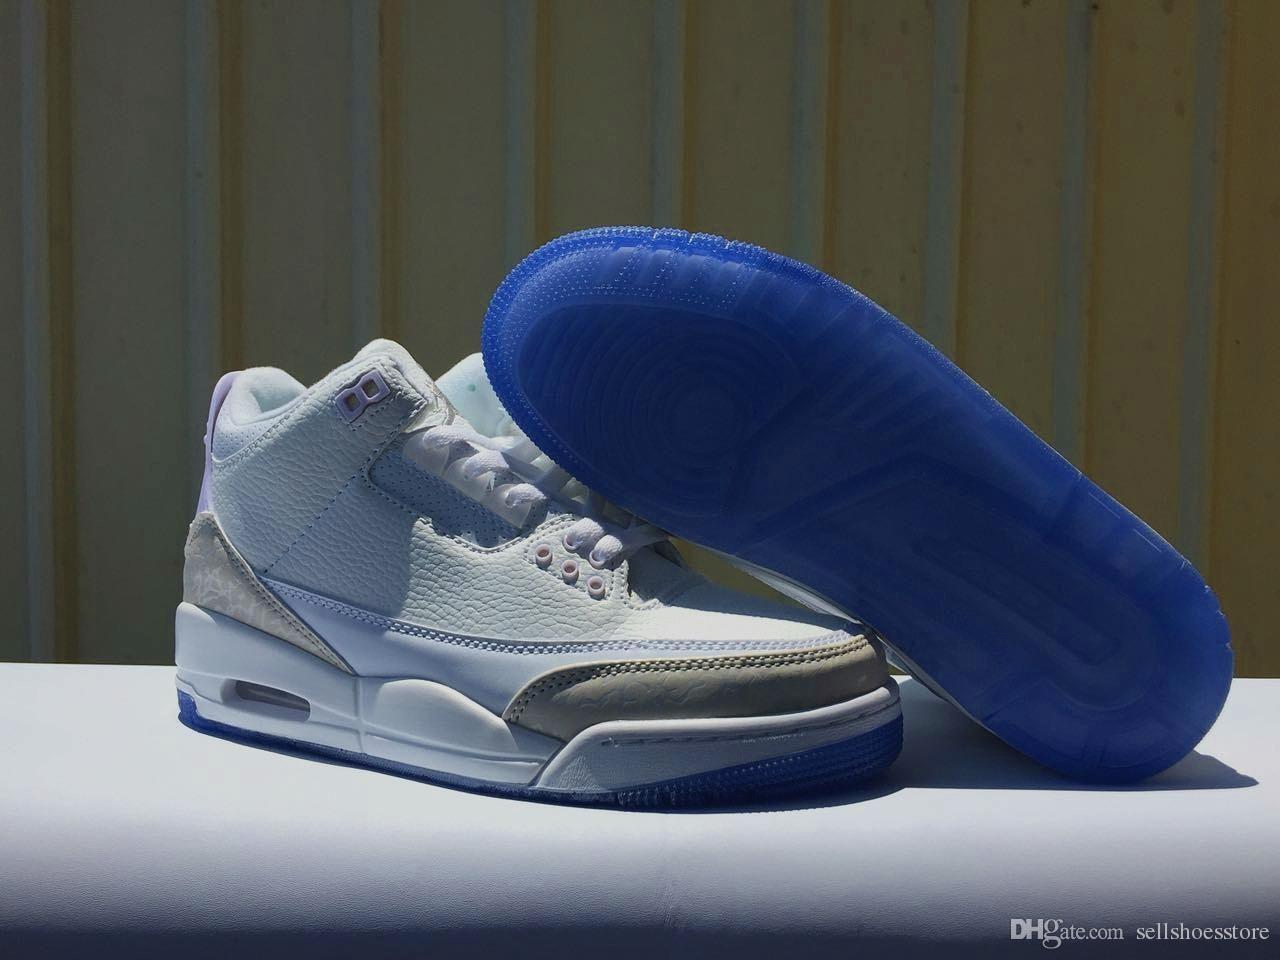 Vente à Bas Prix Argent Azure Pas Chere Blanc Chaussures De